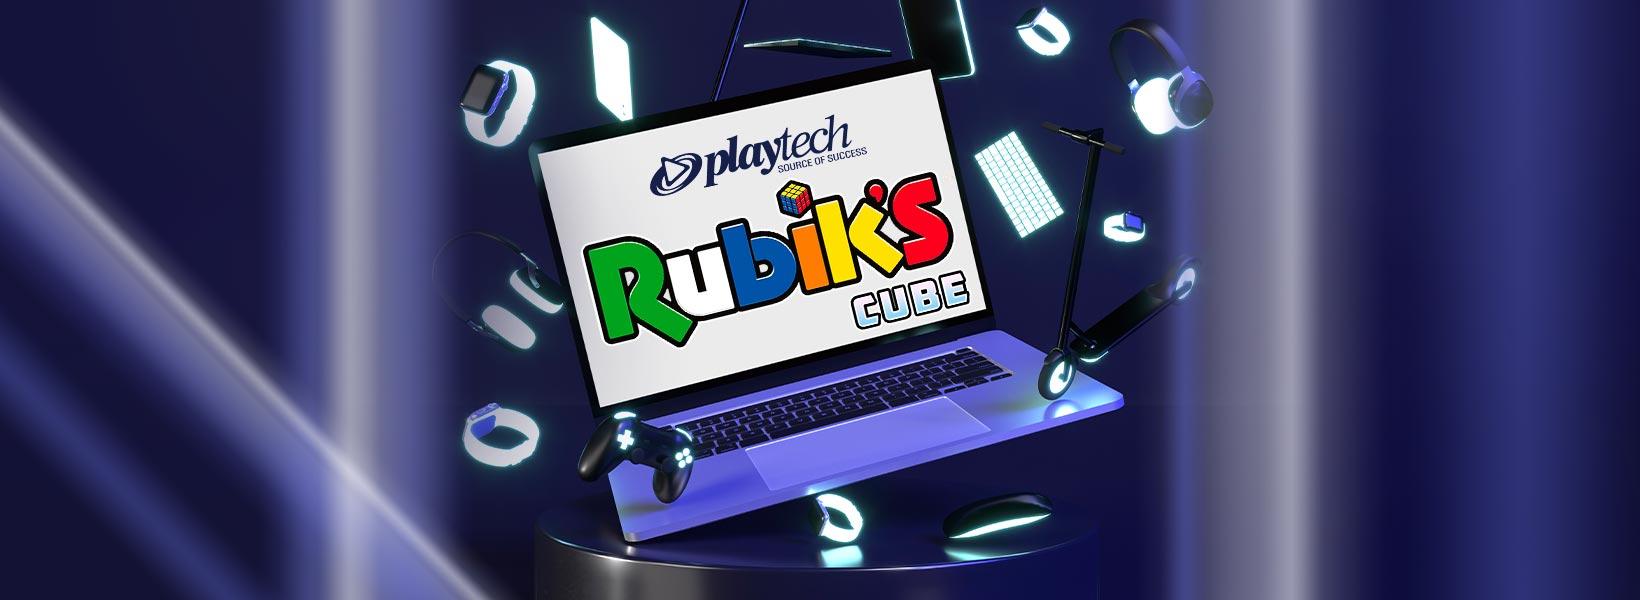 cub rubik slot